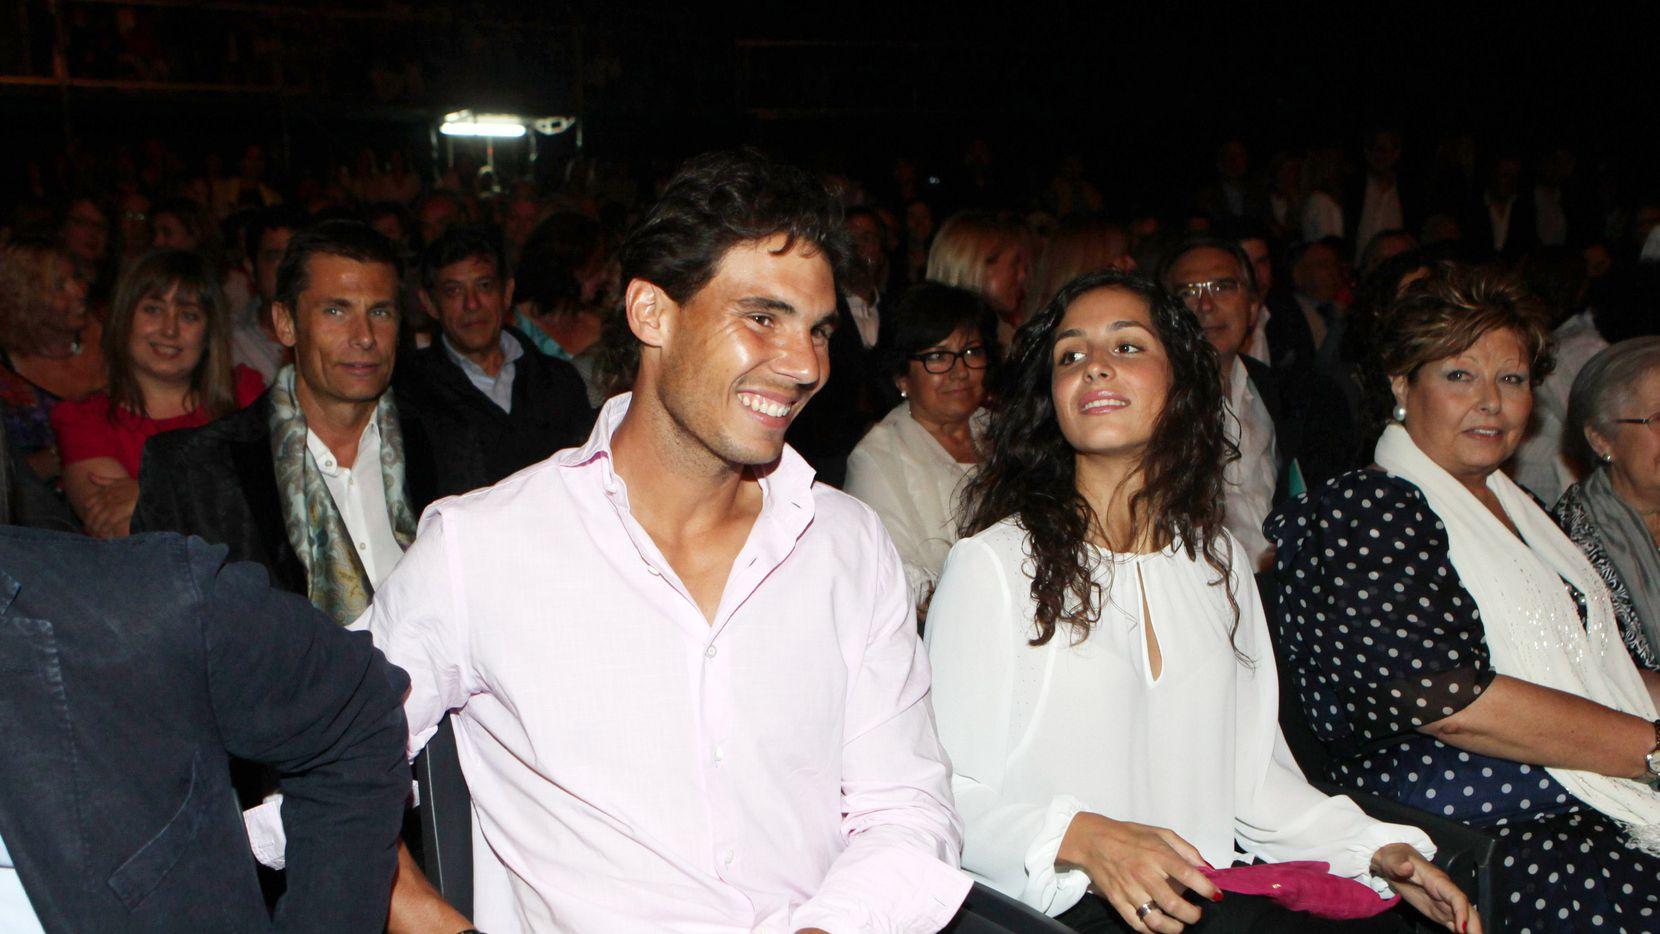 Rafael Nadal y su novia Xisca Perello se casarán en octubre.